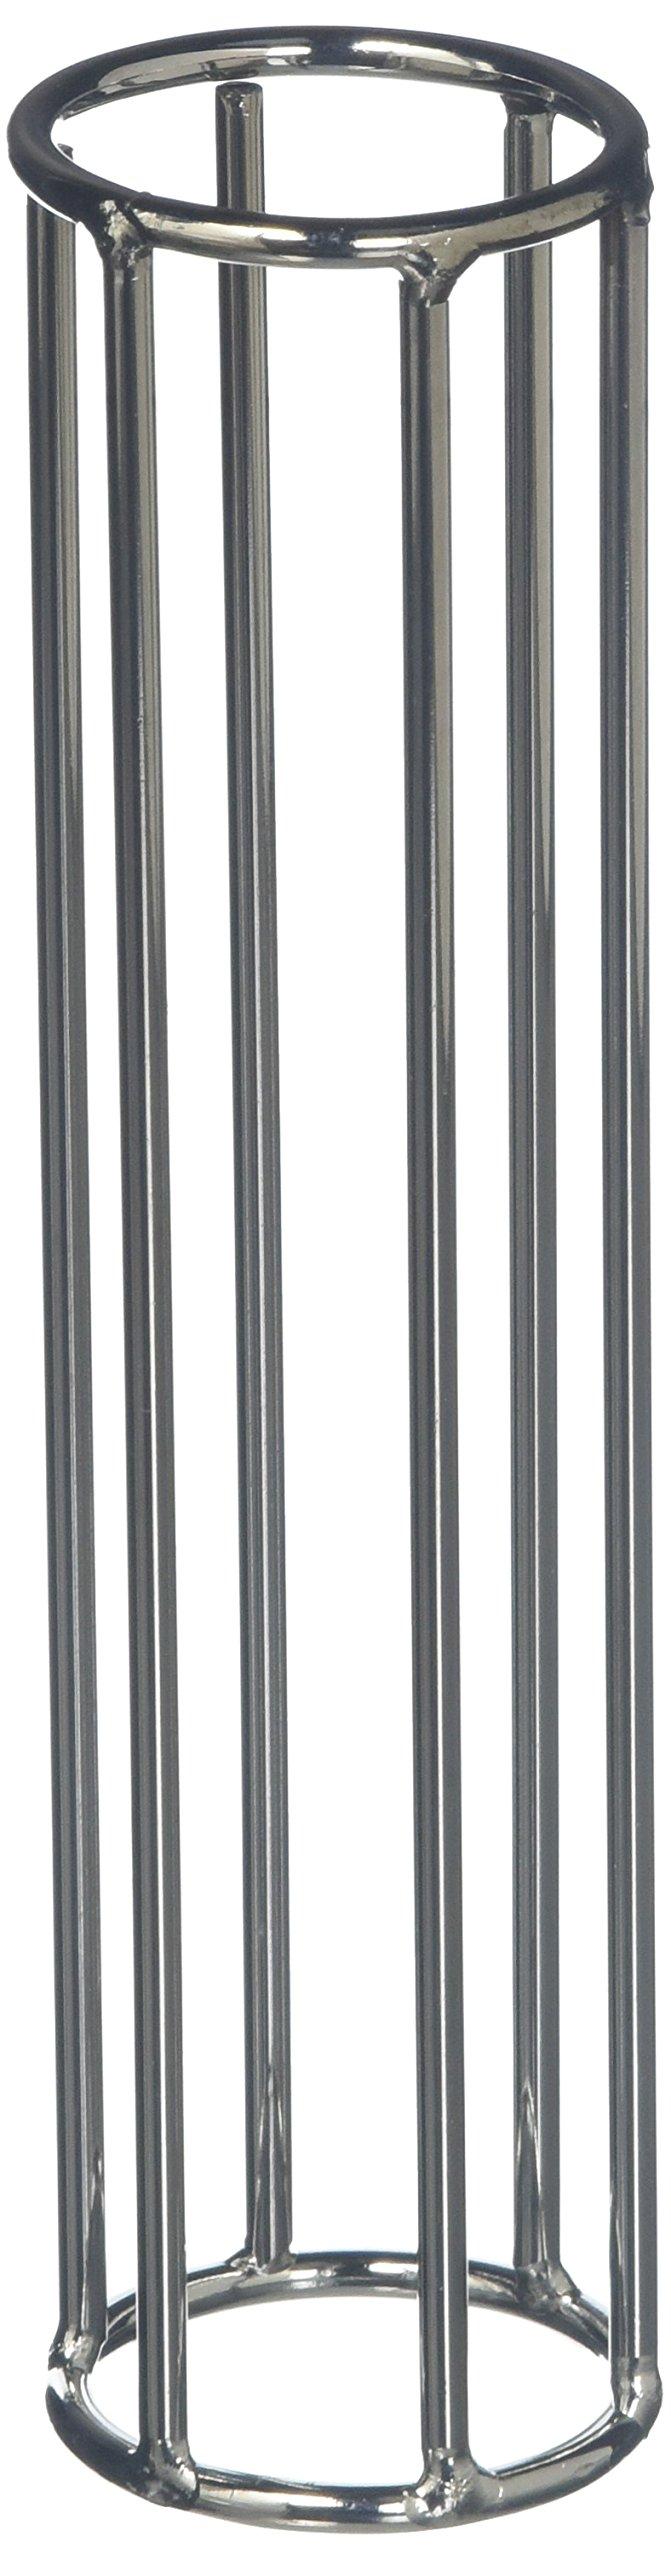 DermaScience Surgitube Tubular Gauze Metal Applicator Cage by DermaScience